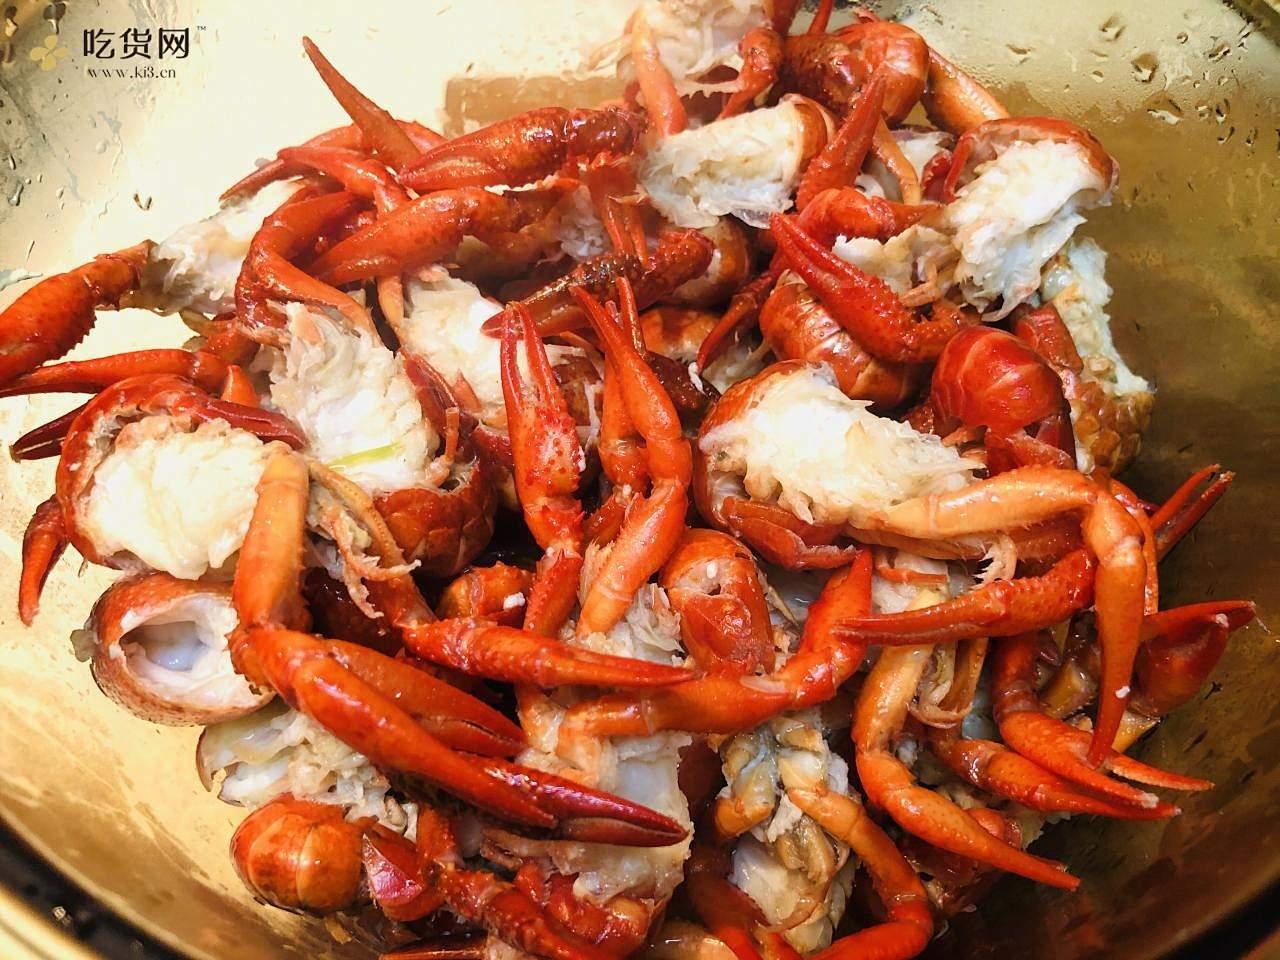 麻辣小龙虾,简单容易上手,一次搞定零失误的做法 步骤5